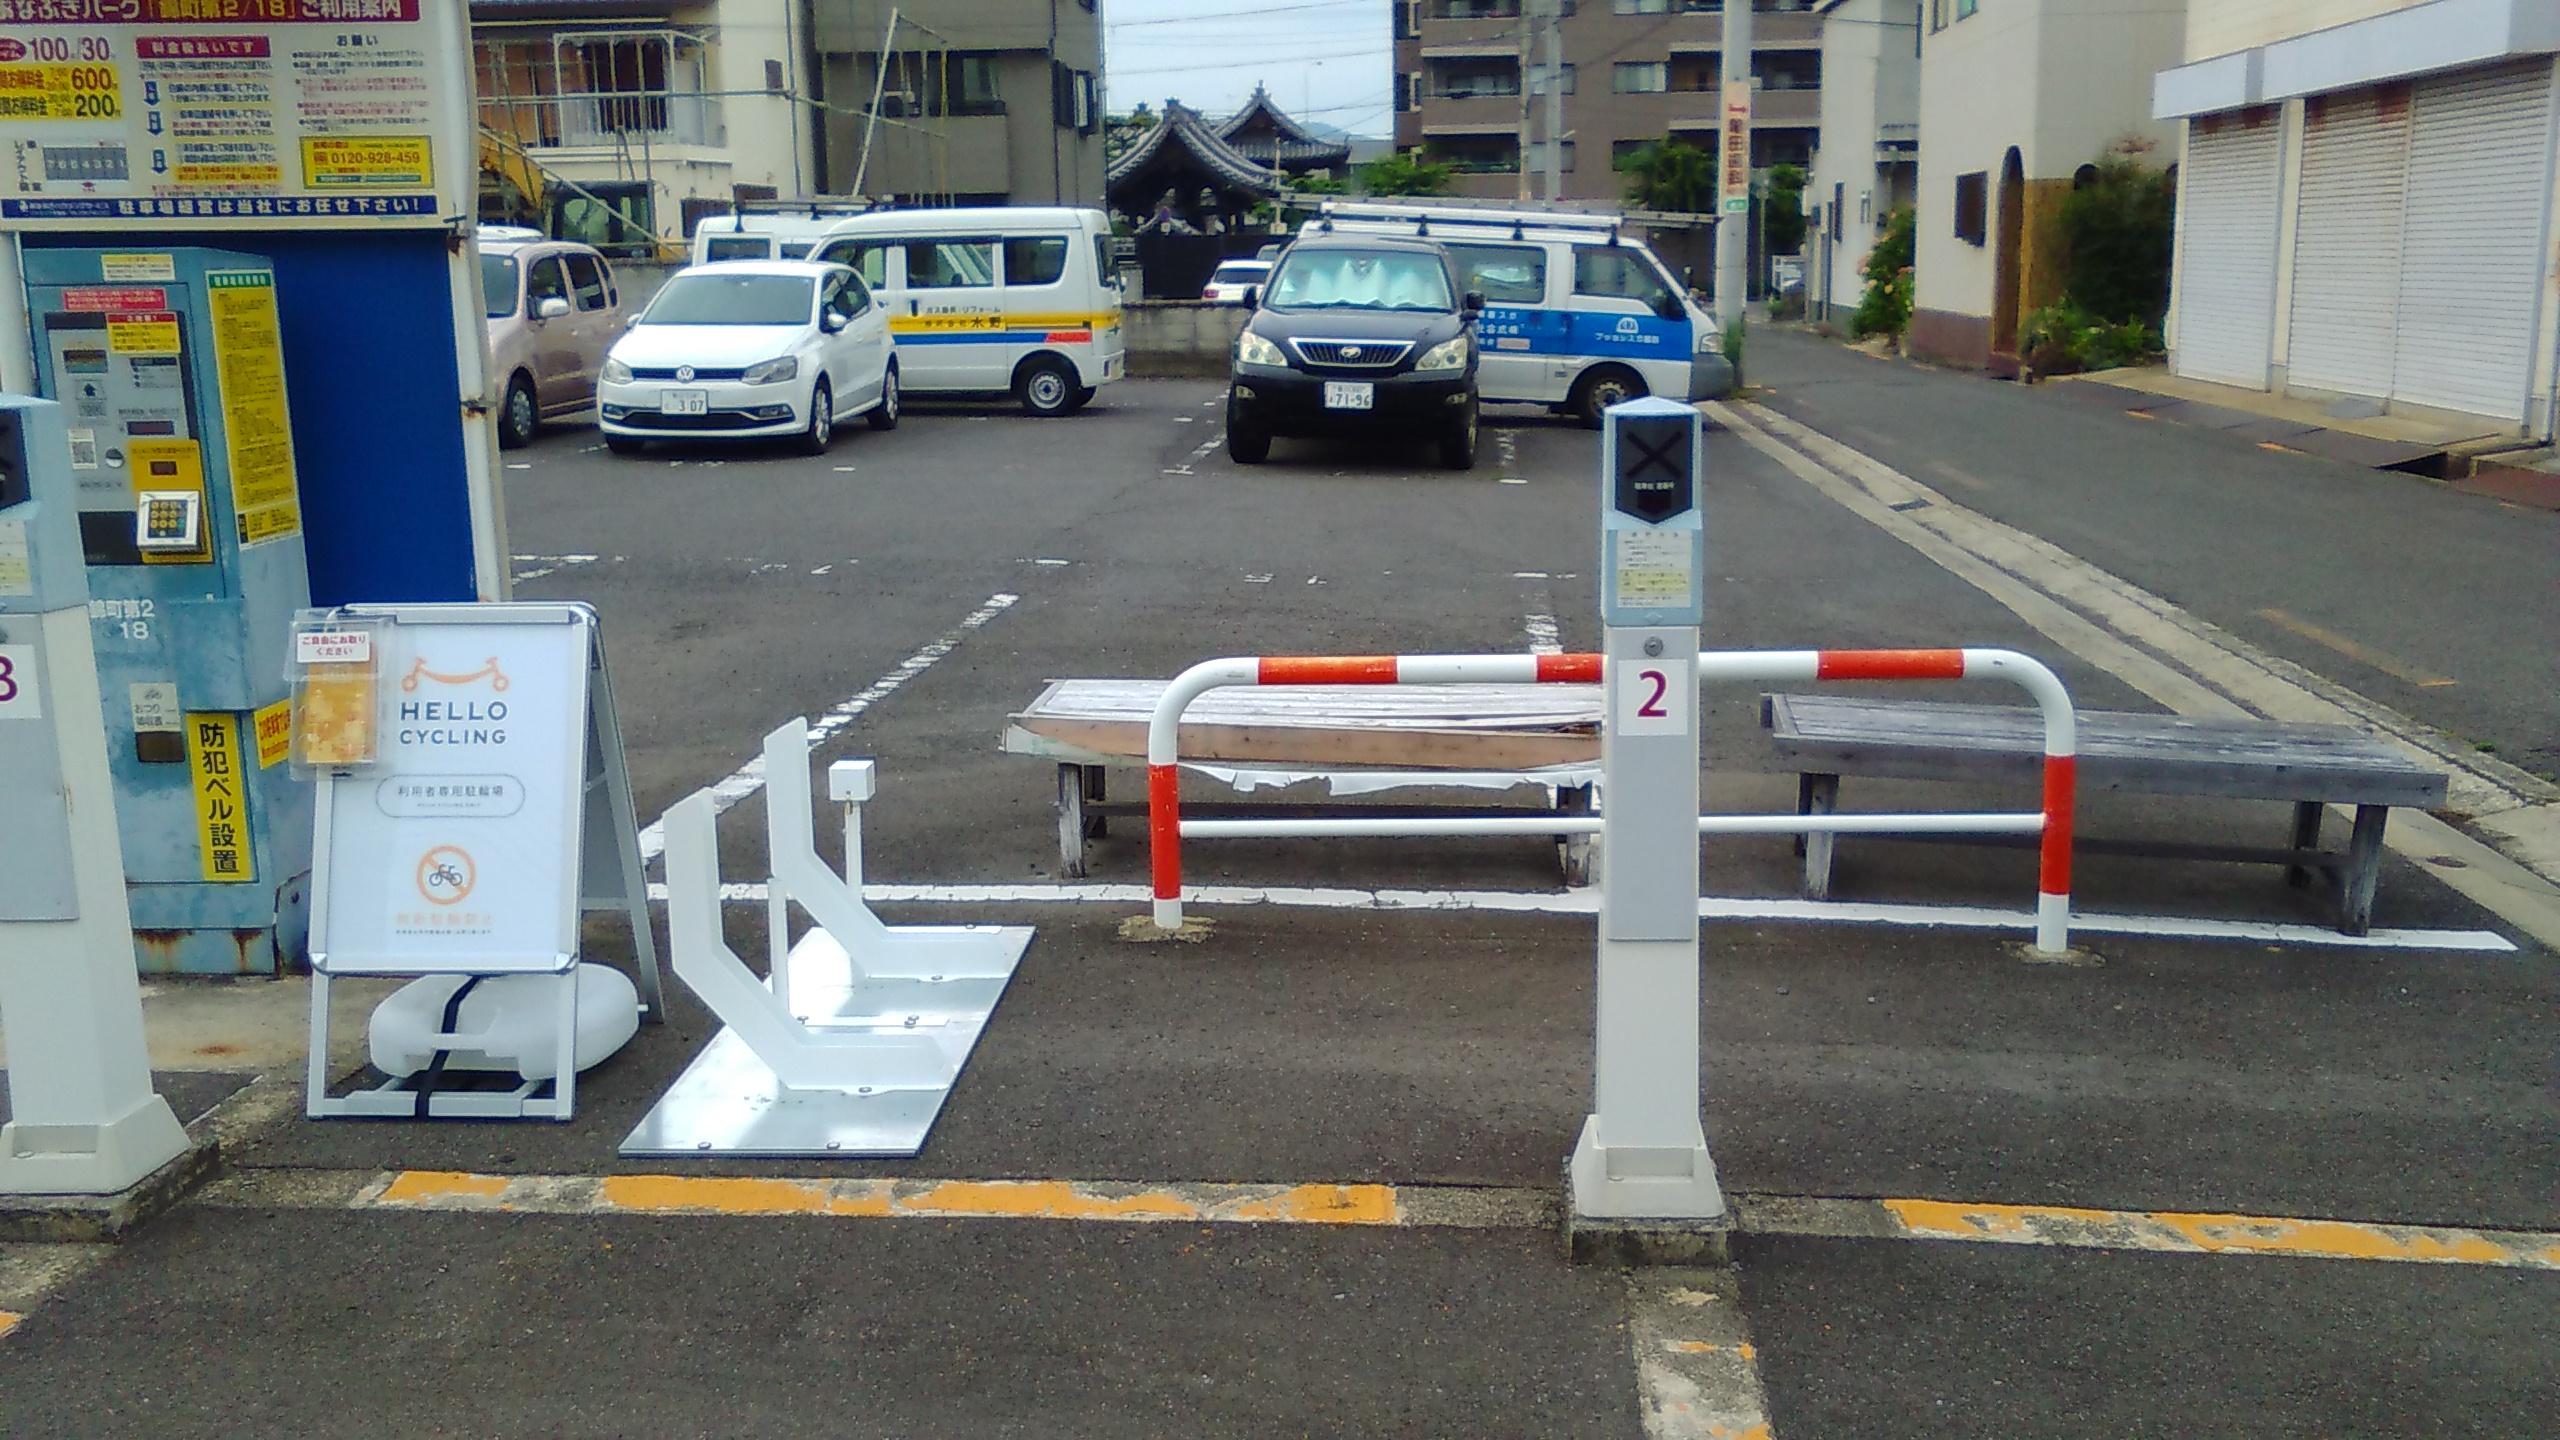 あなぶき錦町第2パーキング (HELLO CYCLING ポート) image